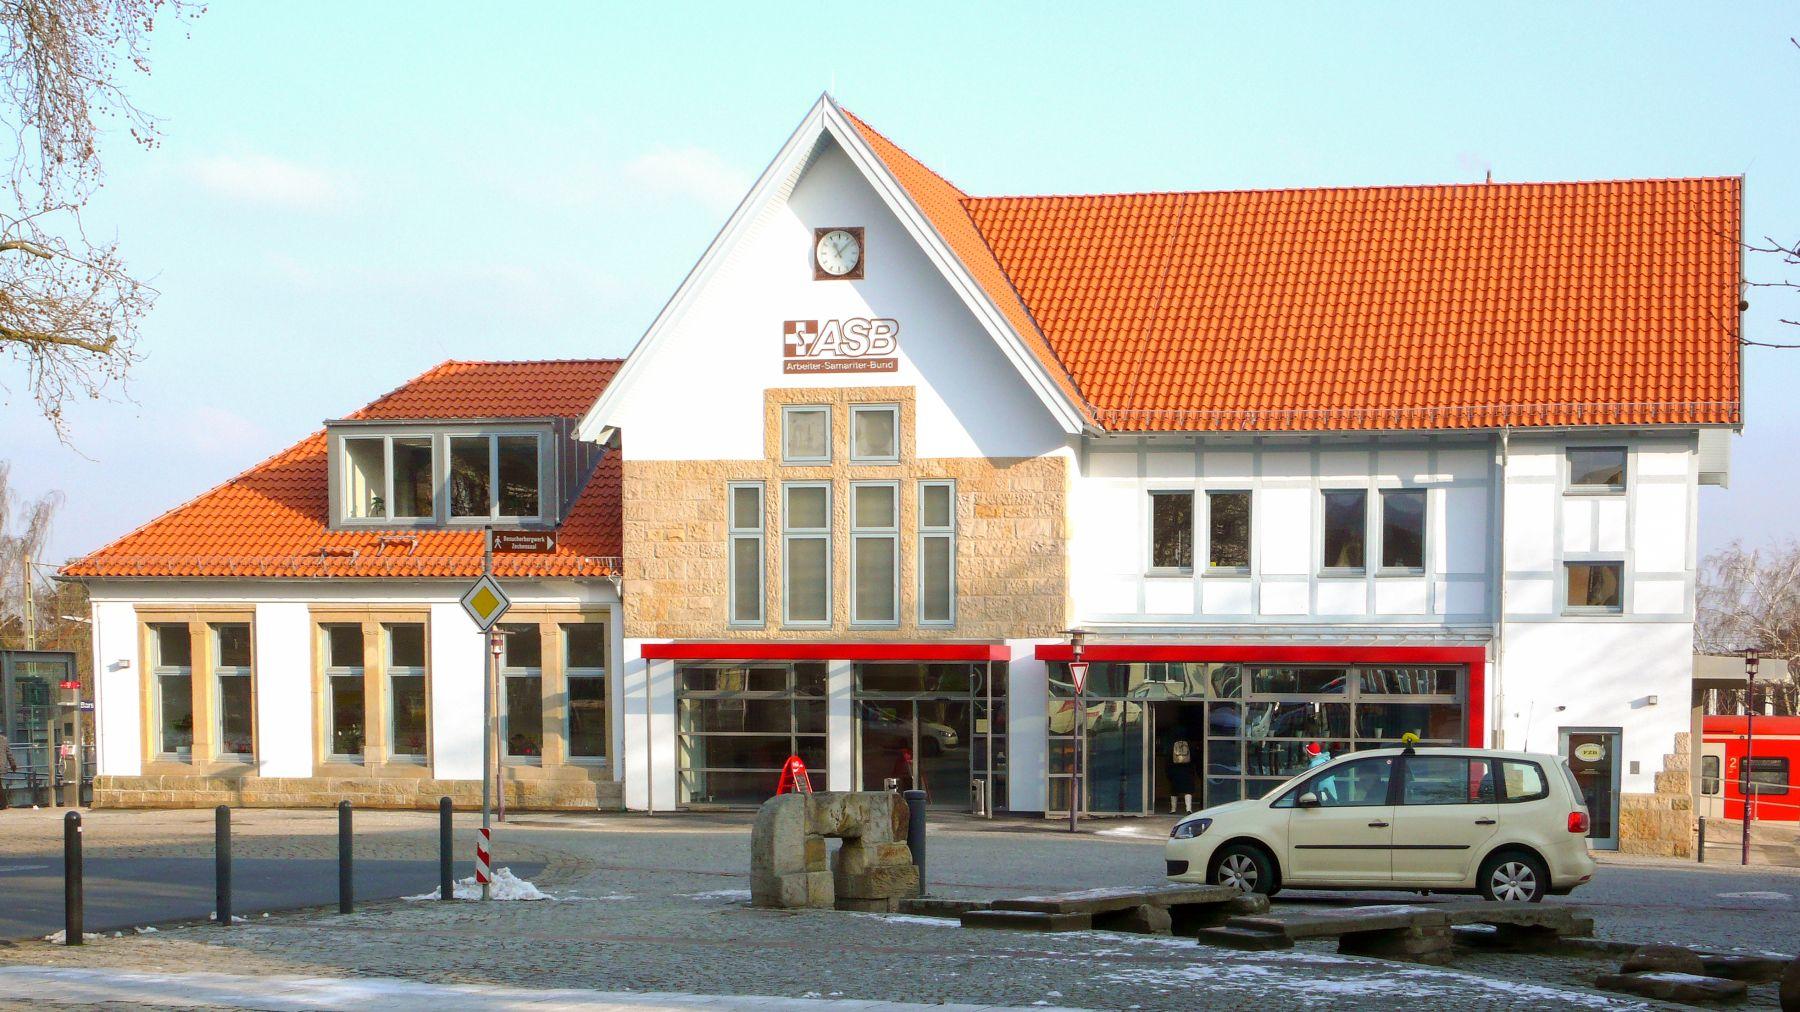 ASB Bahnhof in Barsinghausen